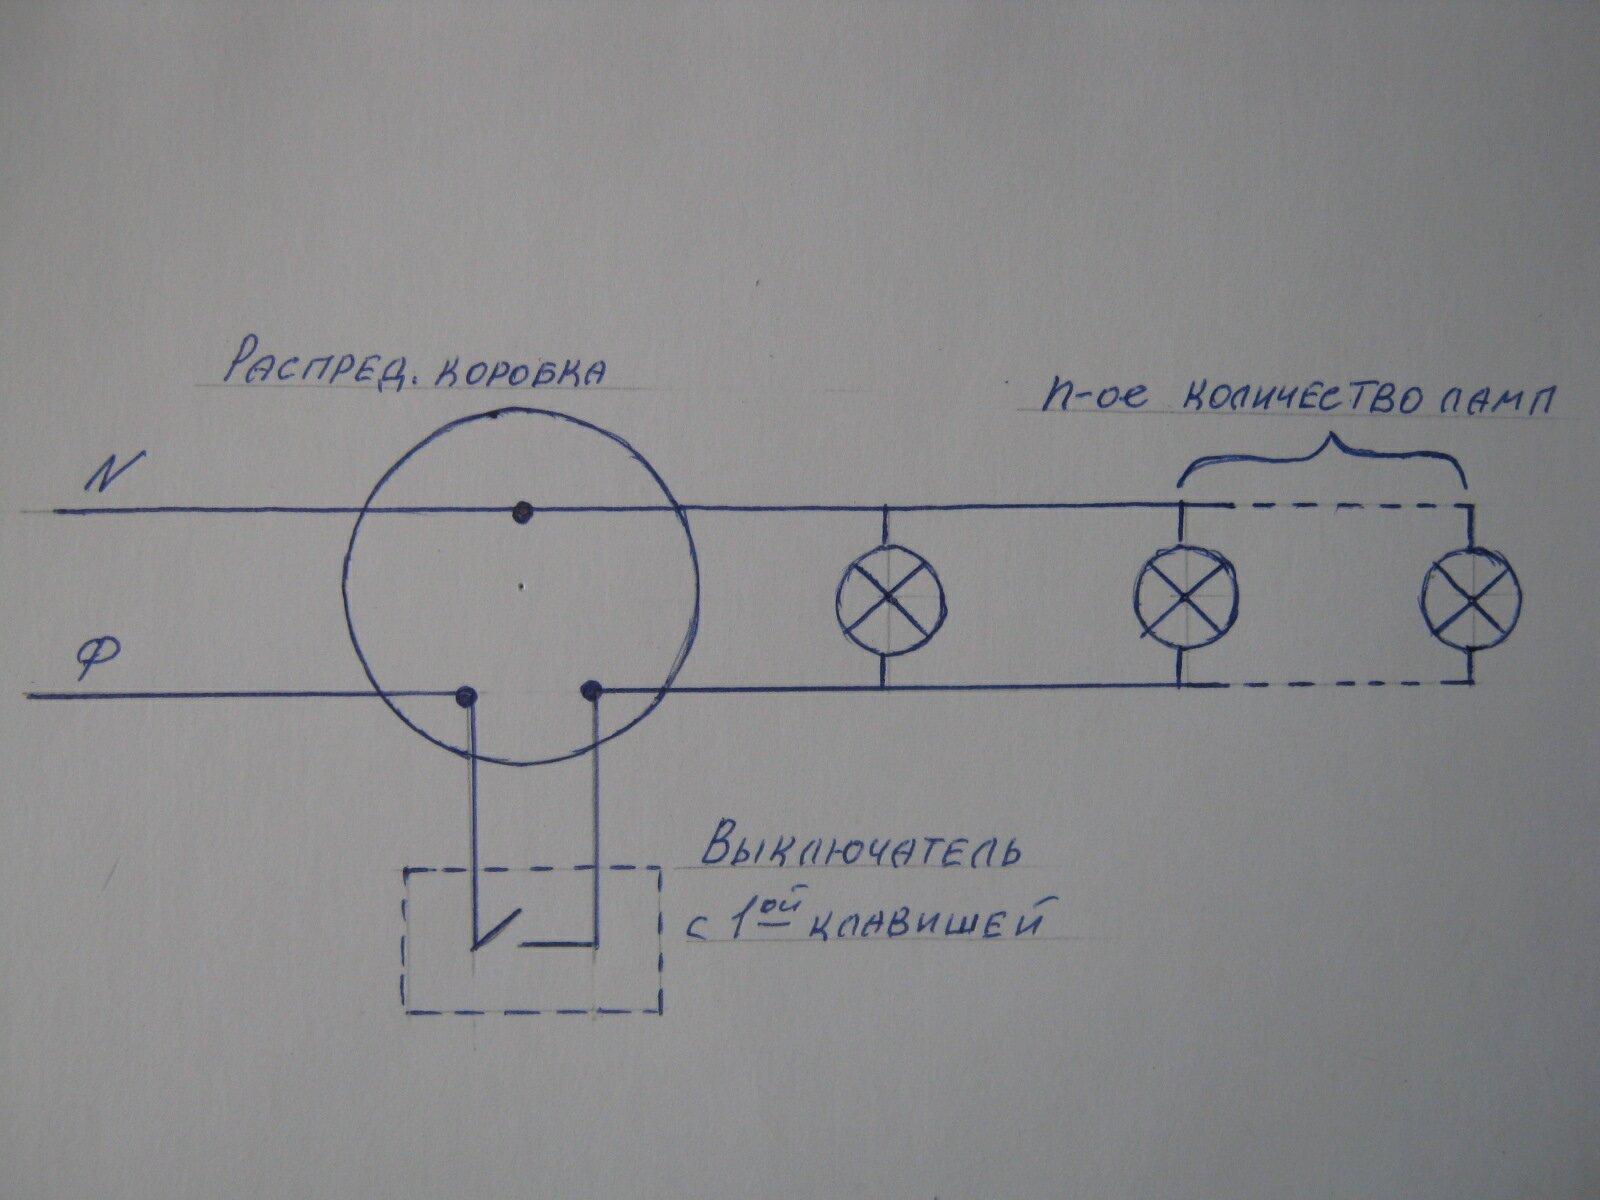 Схема подключения люстры с двойным выключателем фото